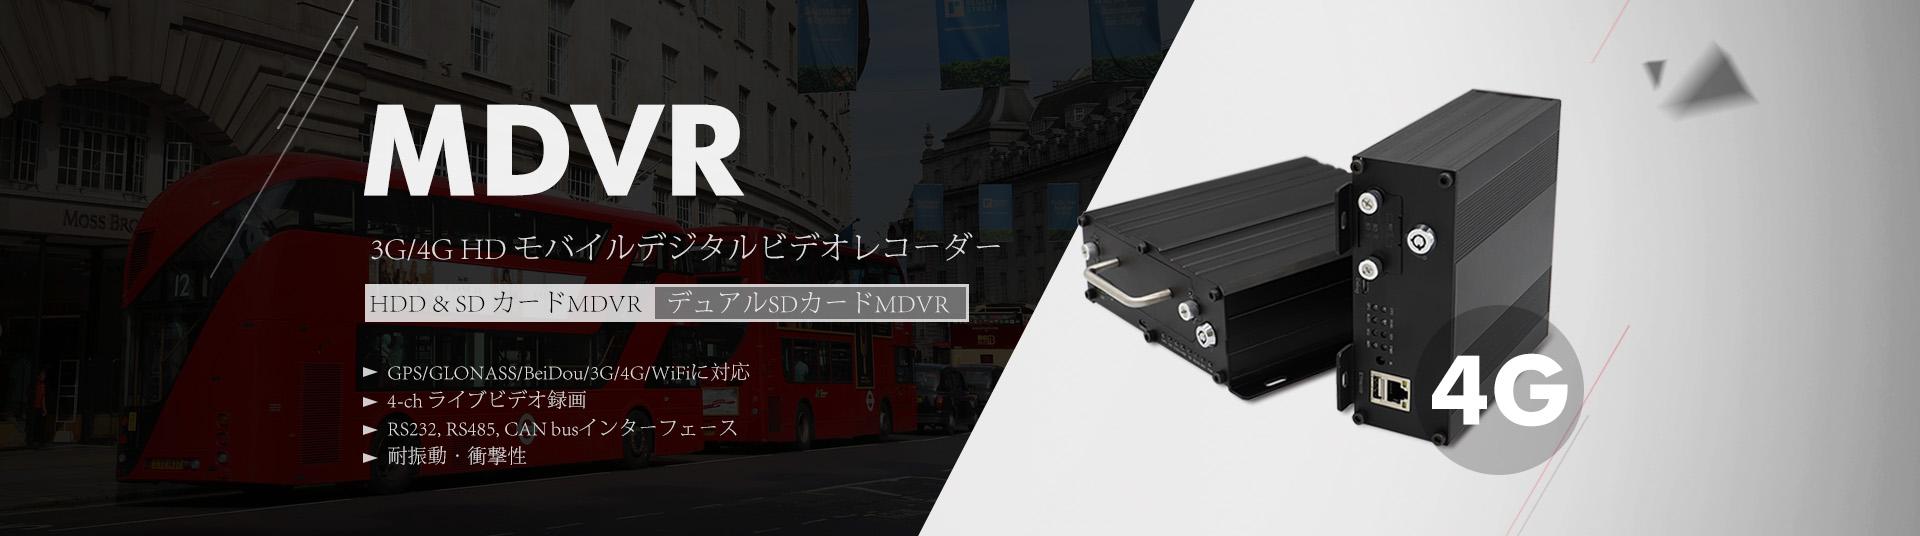 MDVR_jp